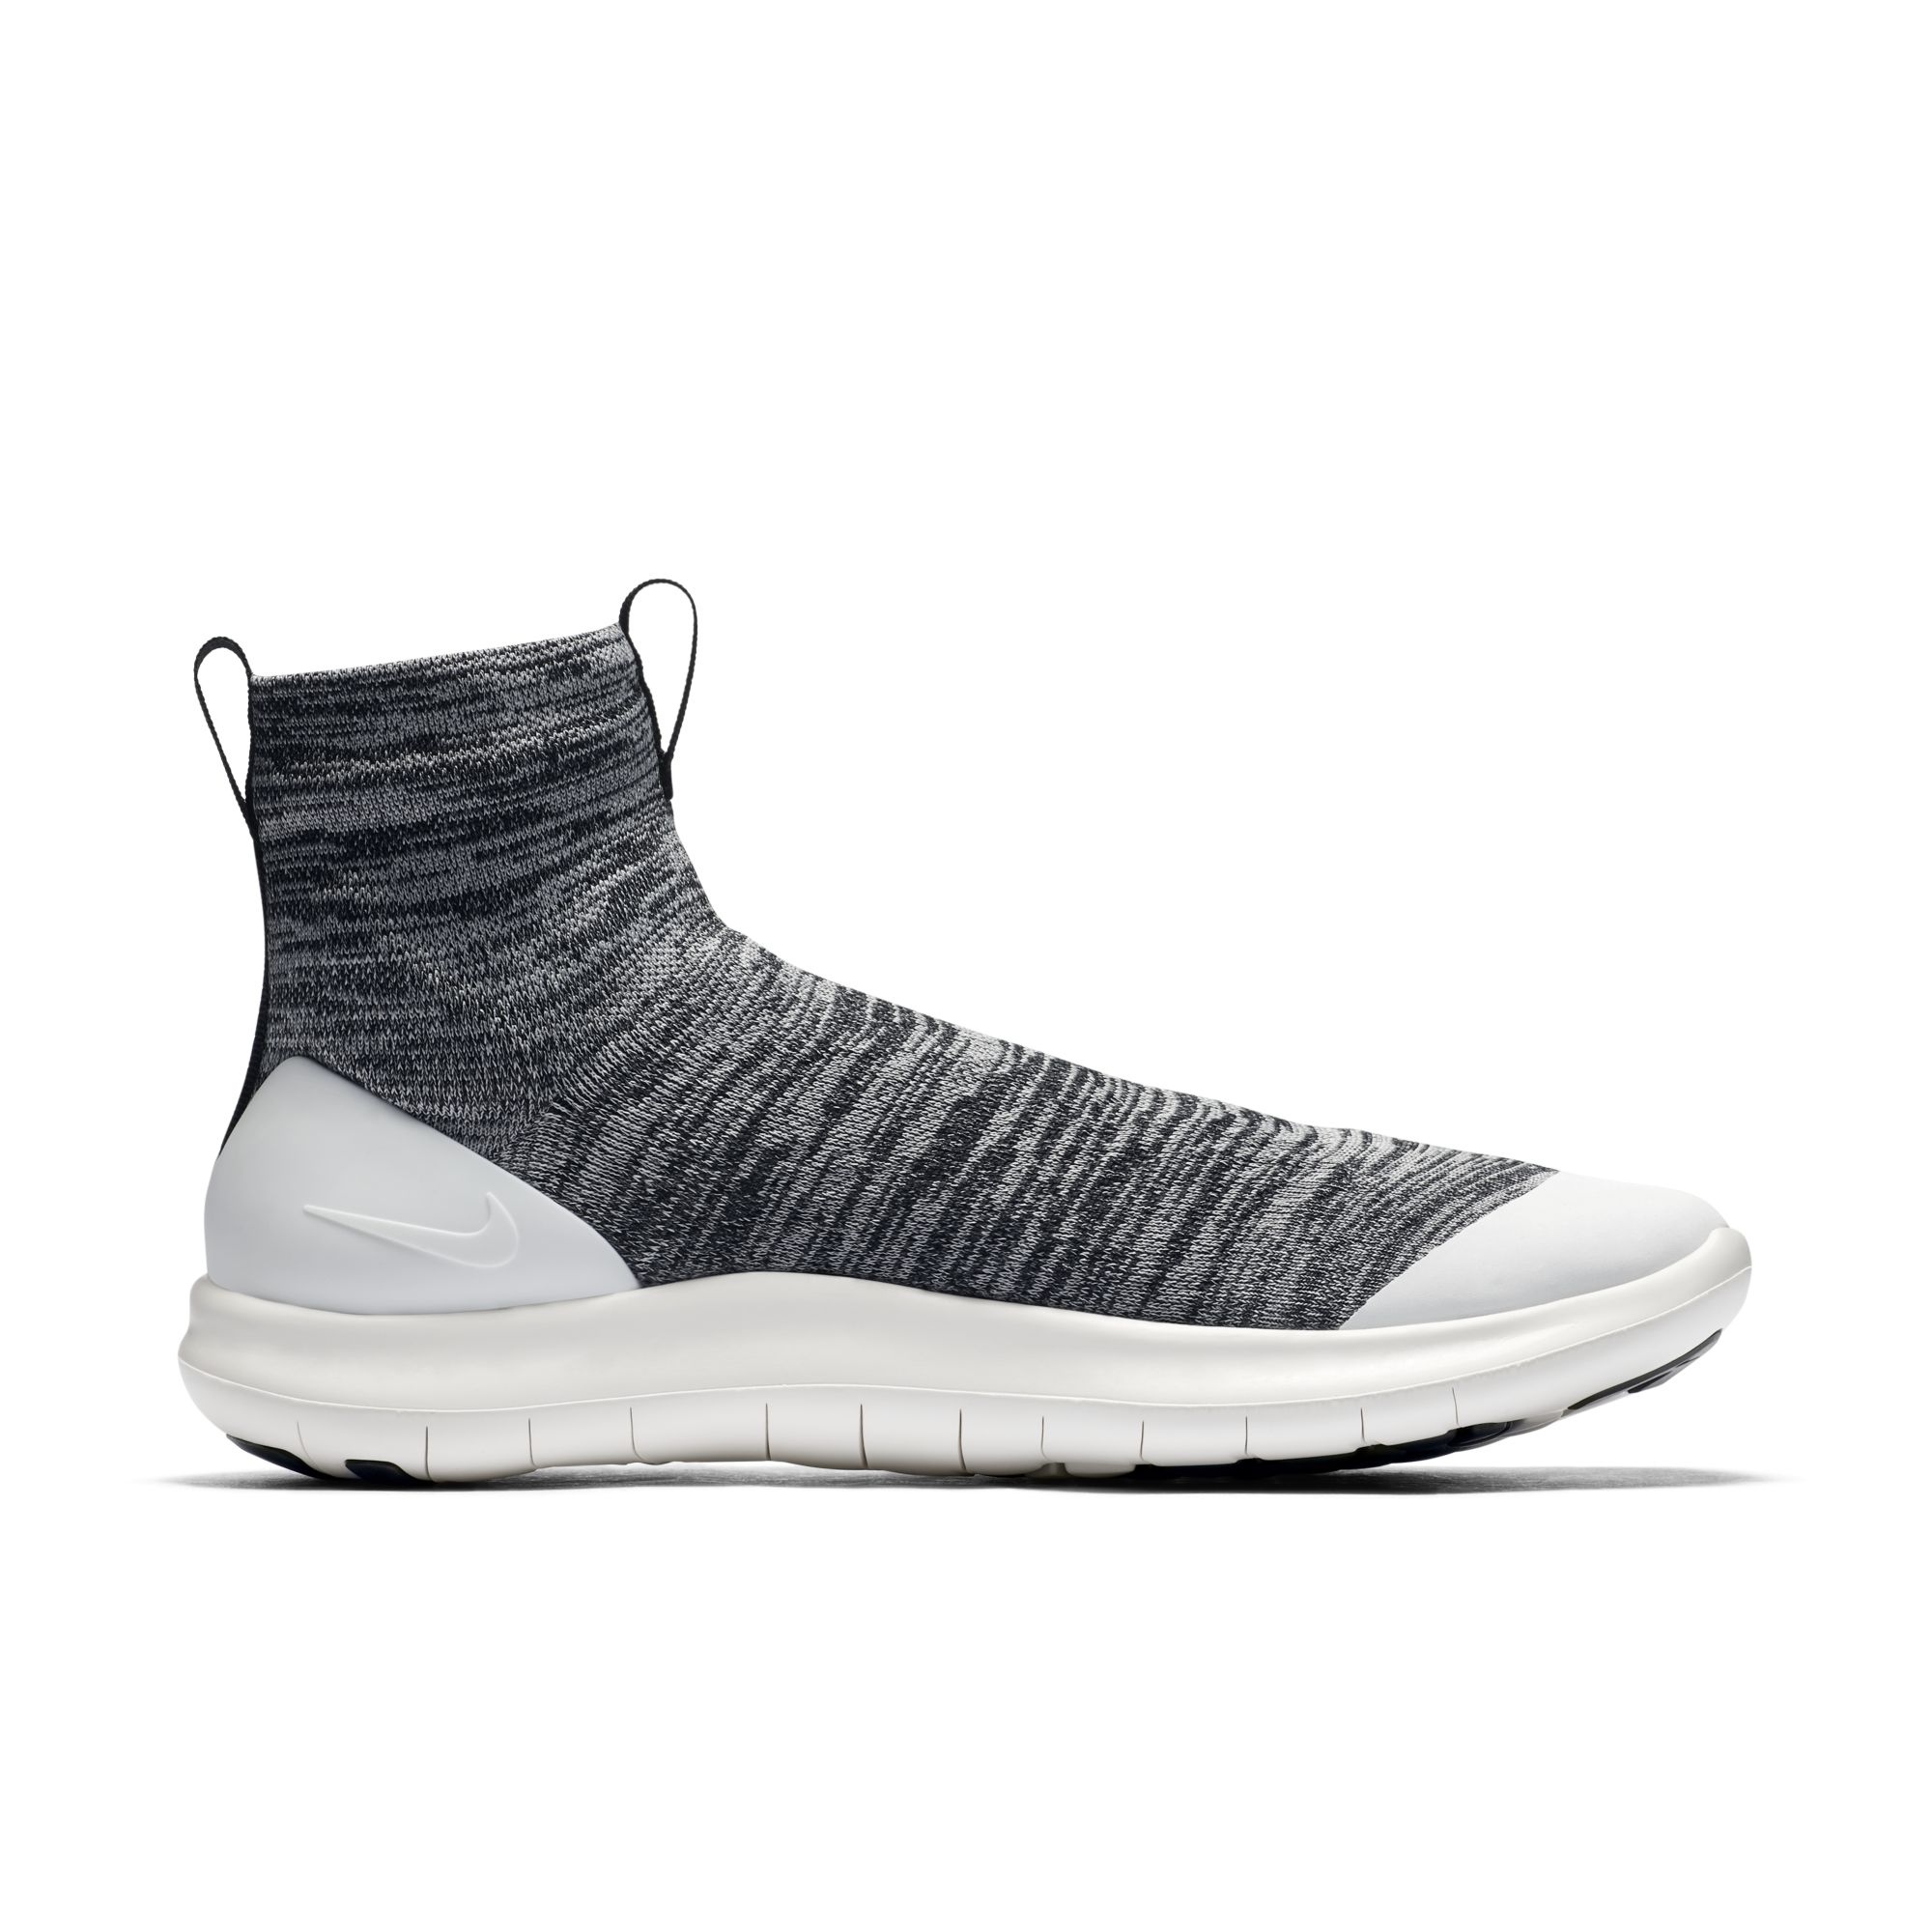 check out 610d5 64bdc buy nike undercover gyakusou free sock e6030 c55eb